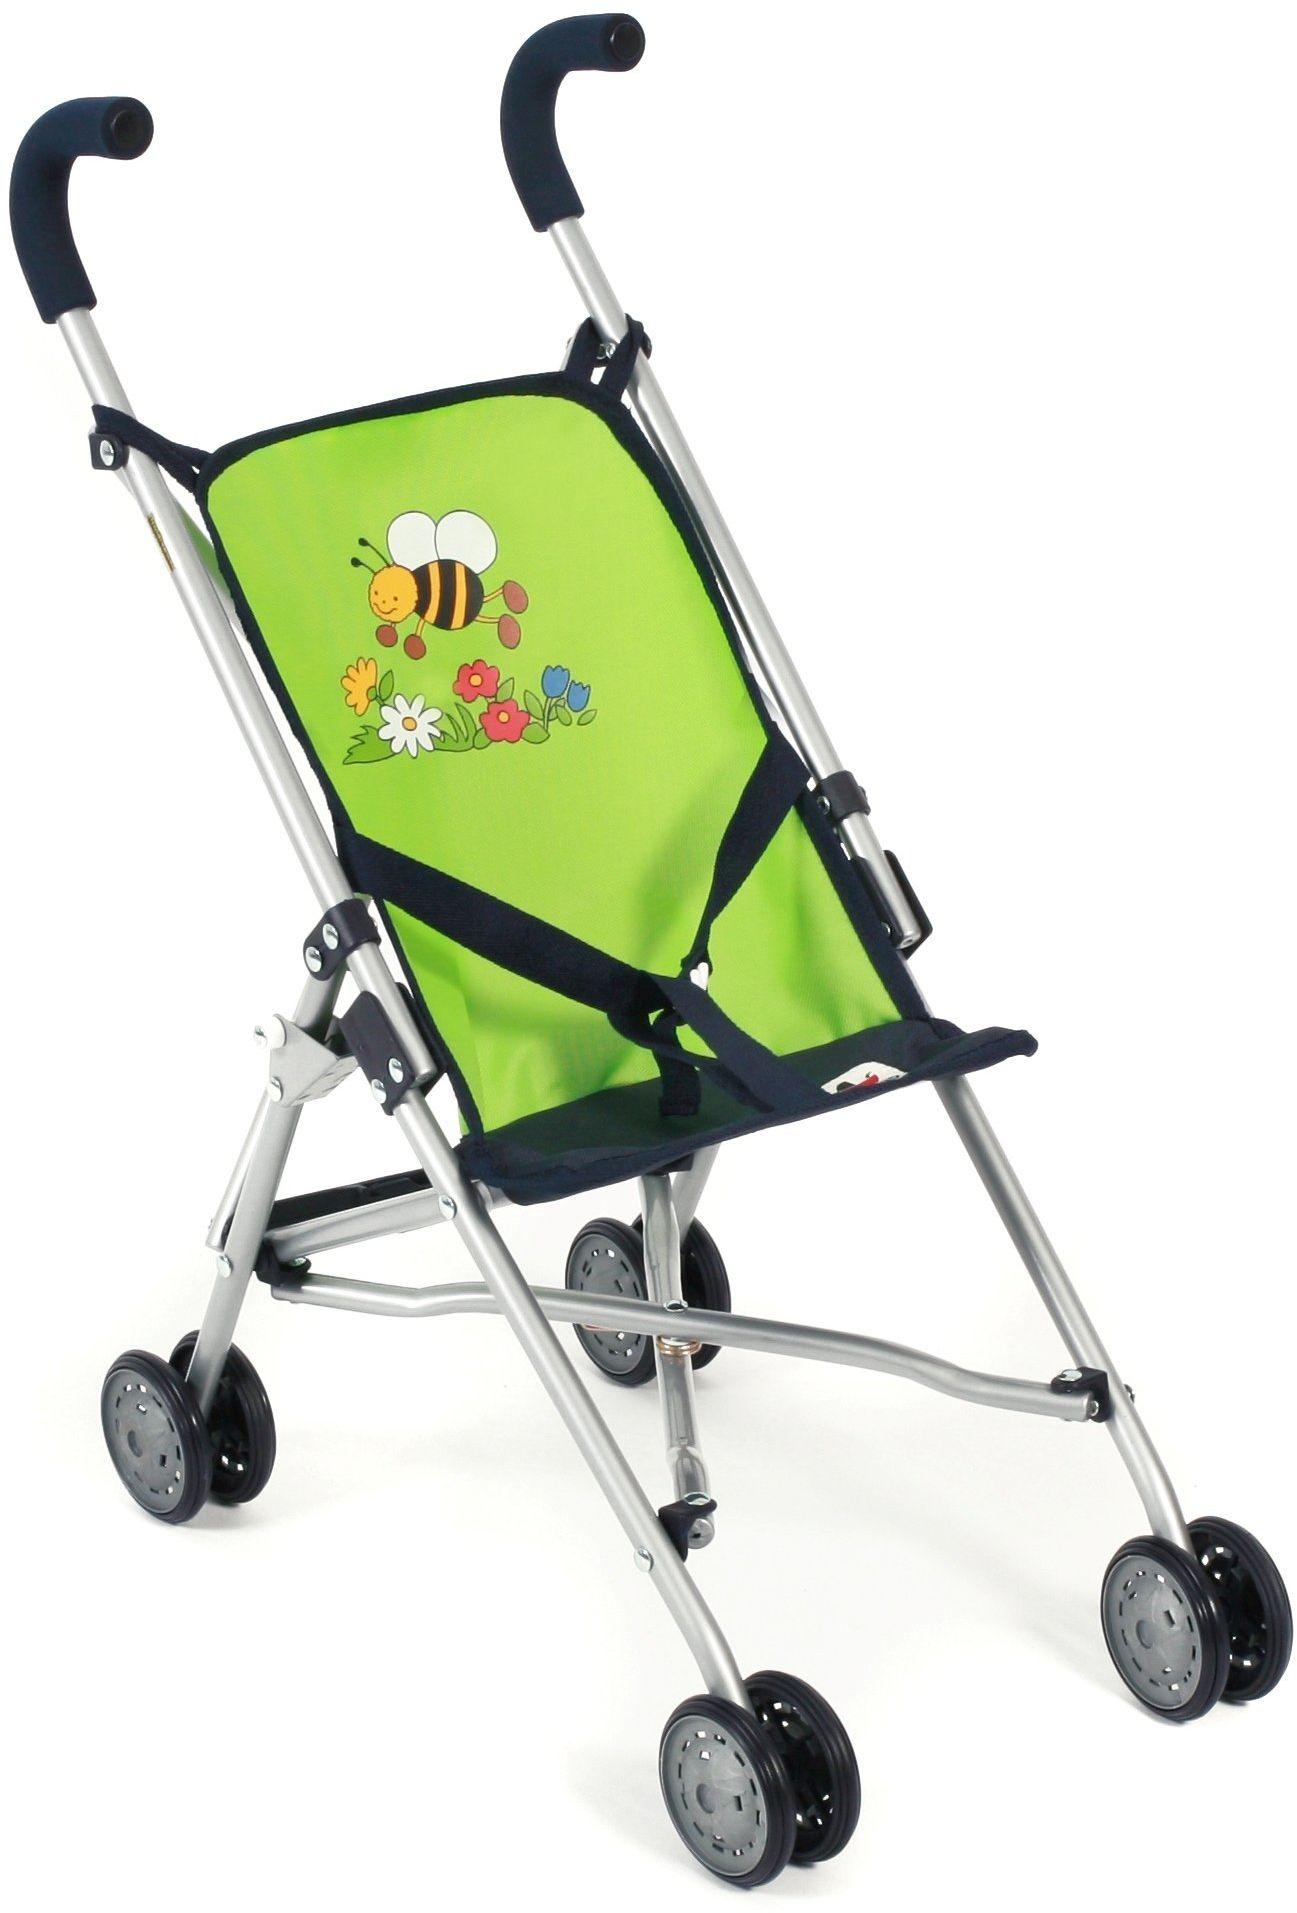 Bayer Chic 2000 601 16 - Mini-Buggy Roma, wózek dla lalek, Bumblebee, zielony